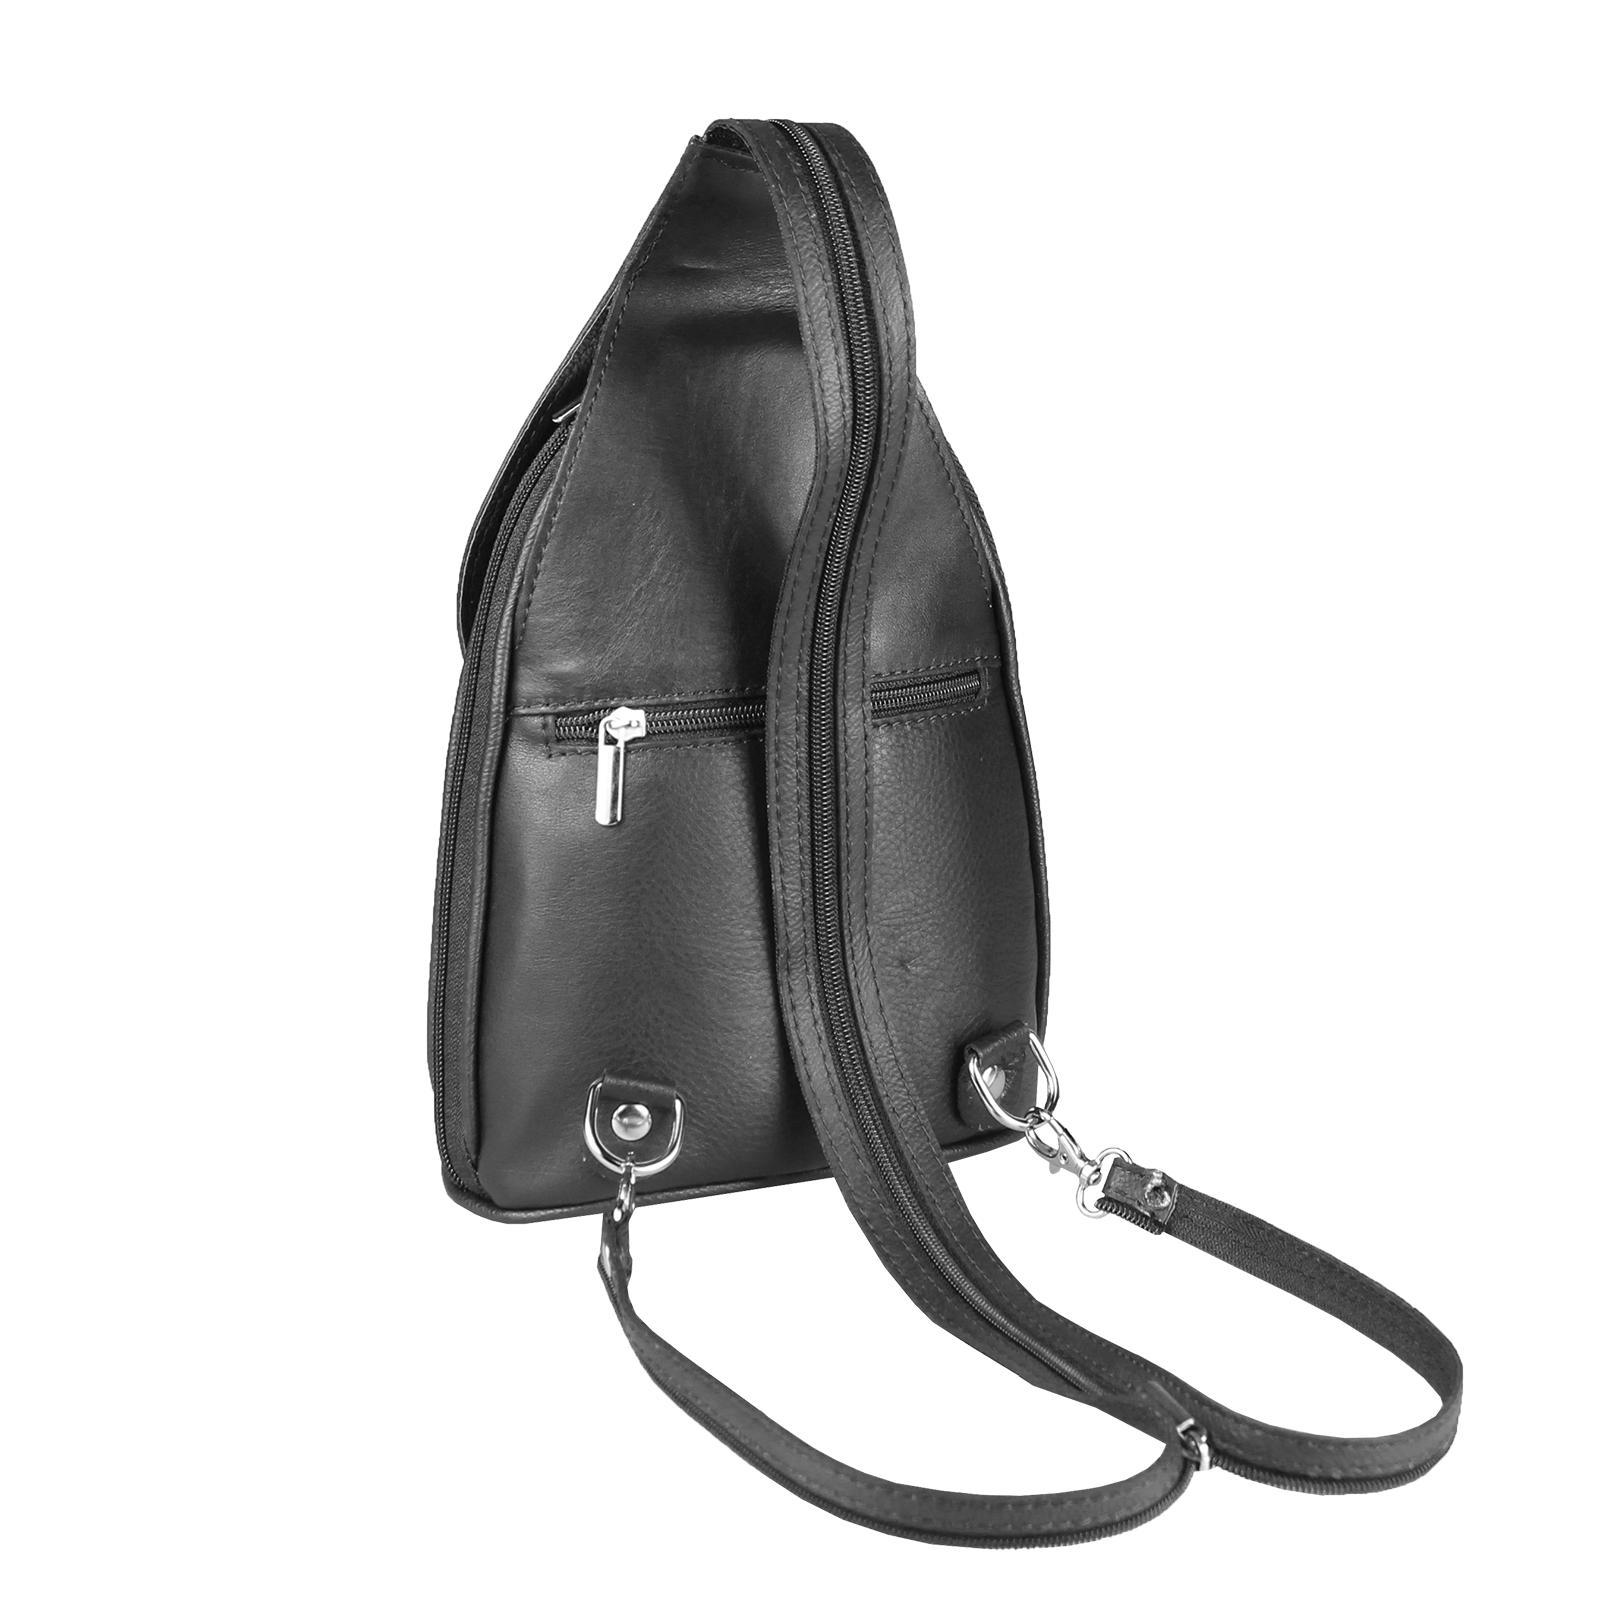 ITALY-DAMEN-LEDER-RUCKSACK-Schulter-Tasche-Reise-BACKPACK-Lederrucksack-it-BAG Indexbild 55